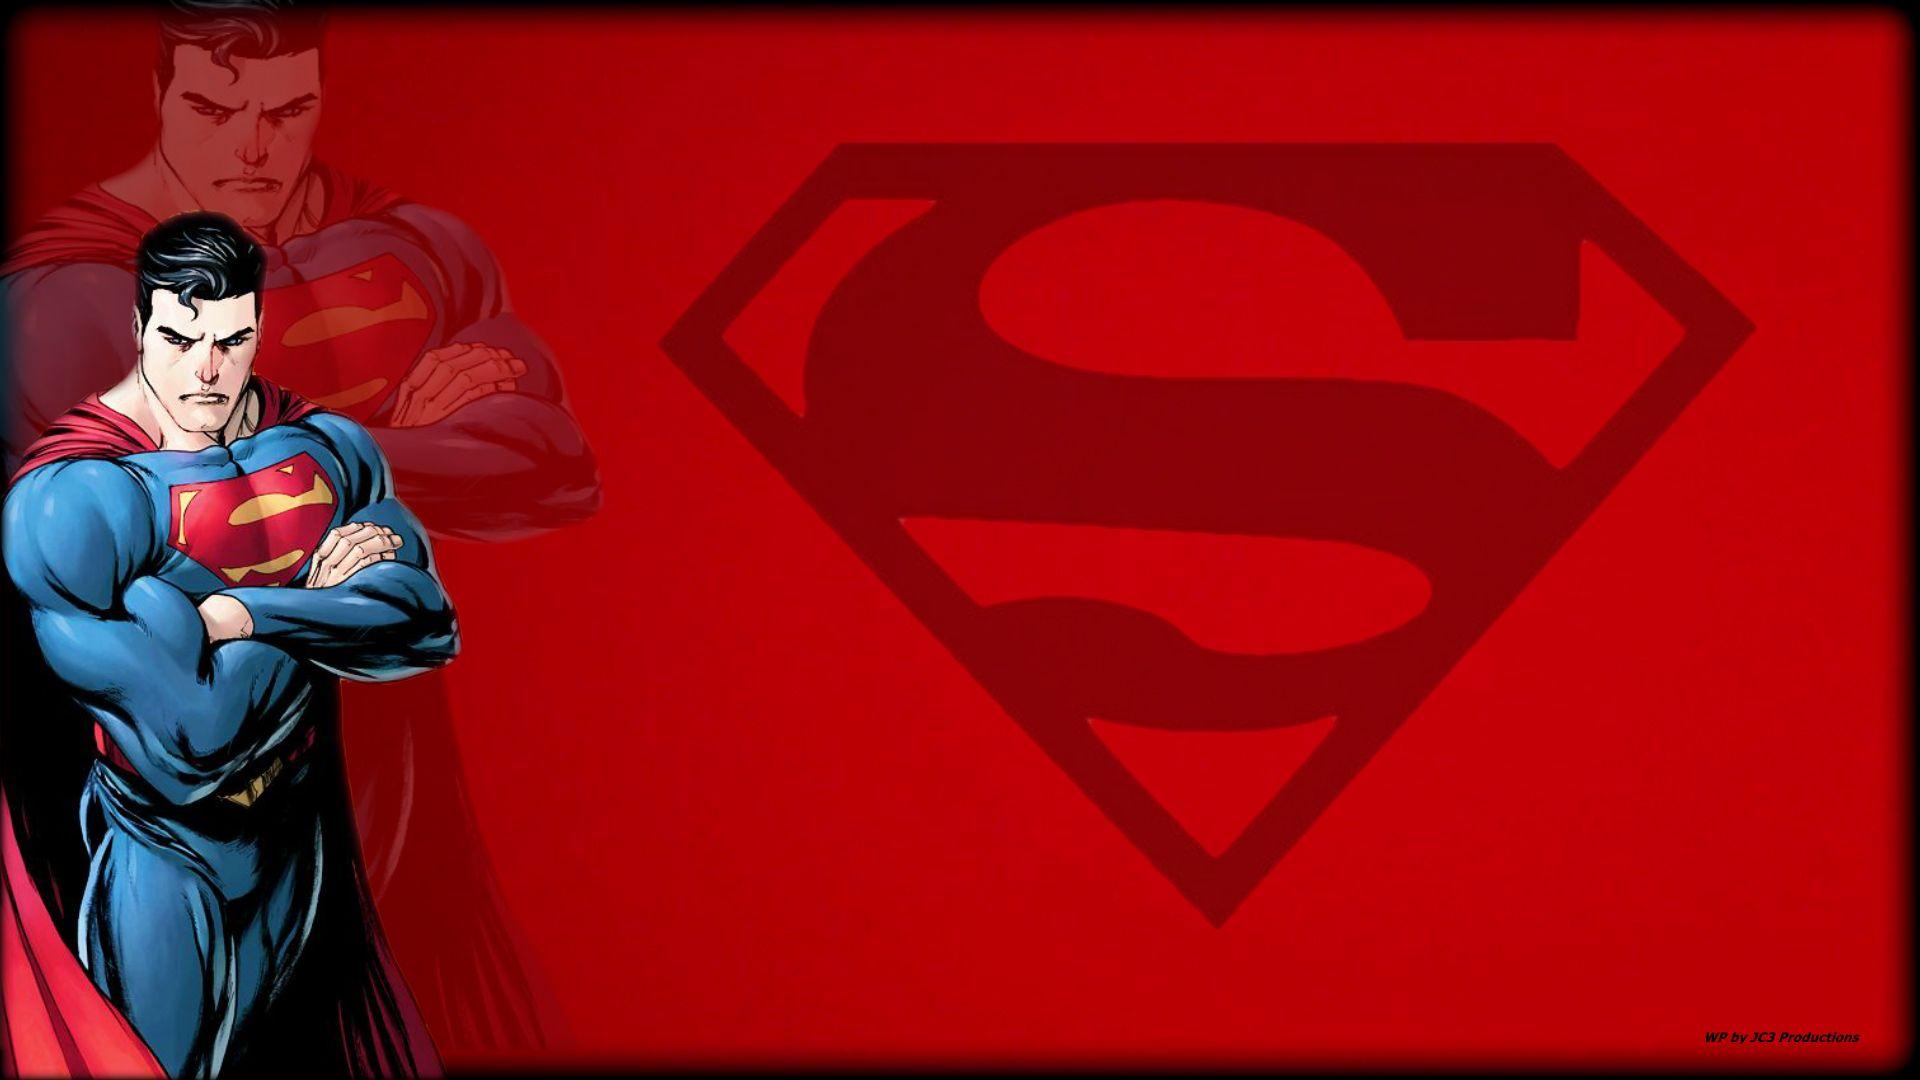 スーパーマン 壁紙 In Deep Thought 2 Dcコミック 壁紙 41260855